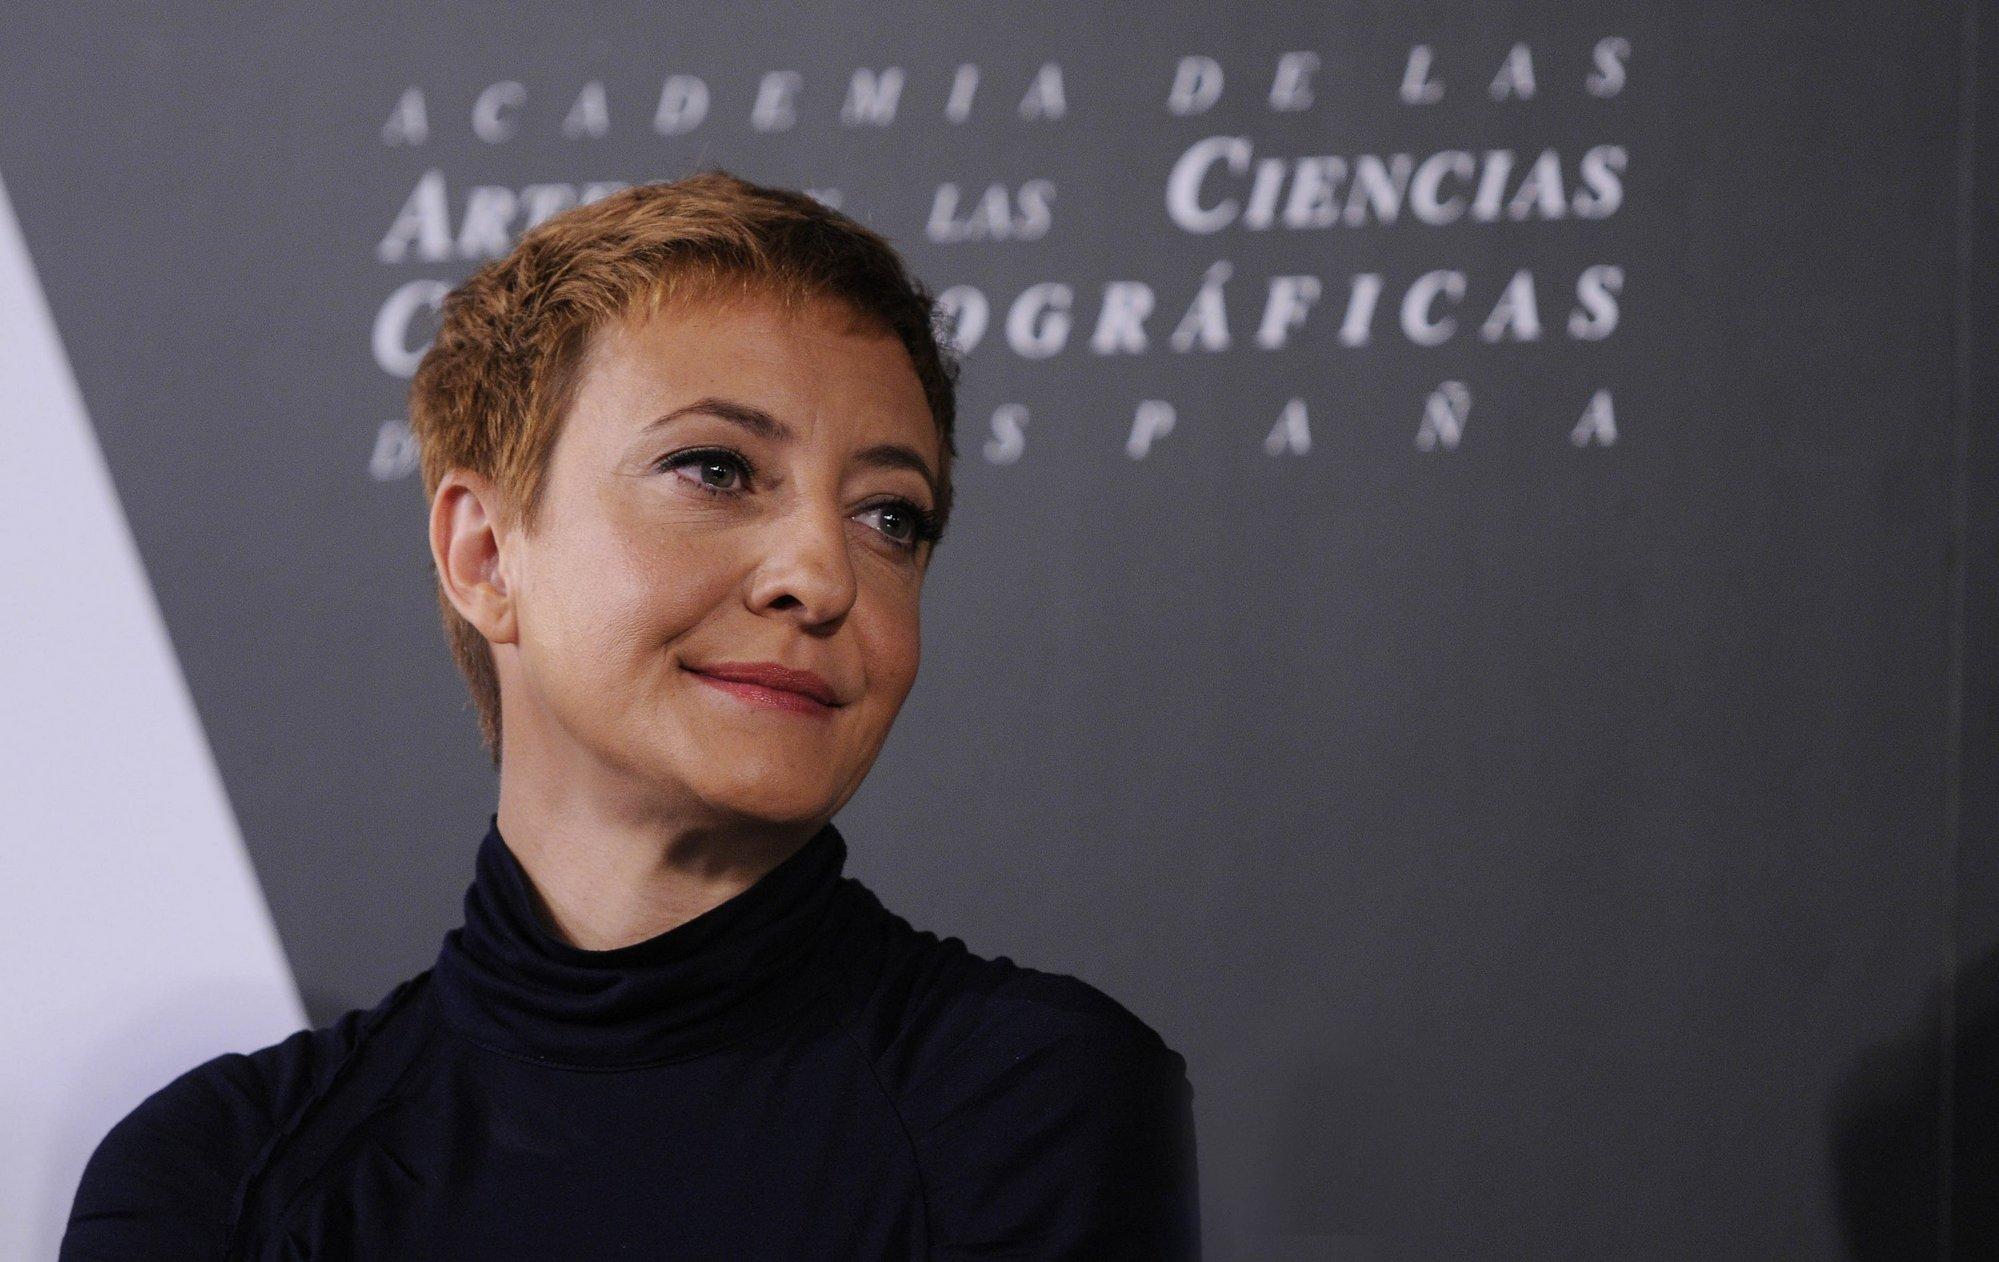 El cine español celebra la XXVI edición de los Premios Goya